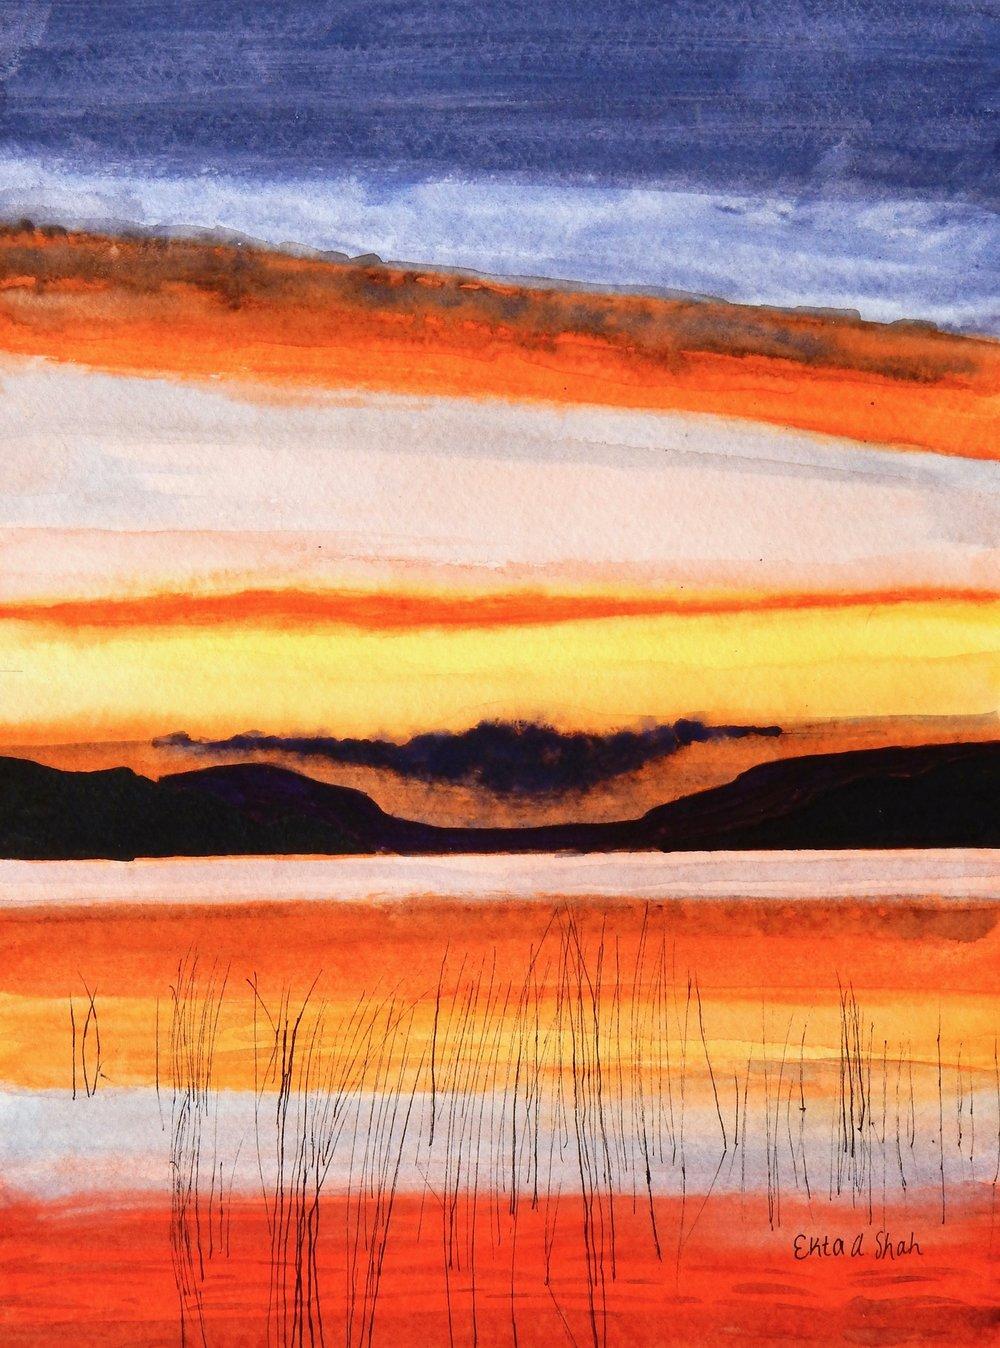 Ekta Shah.sunset.jpg